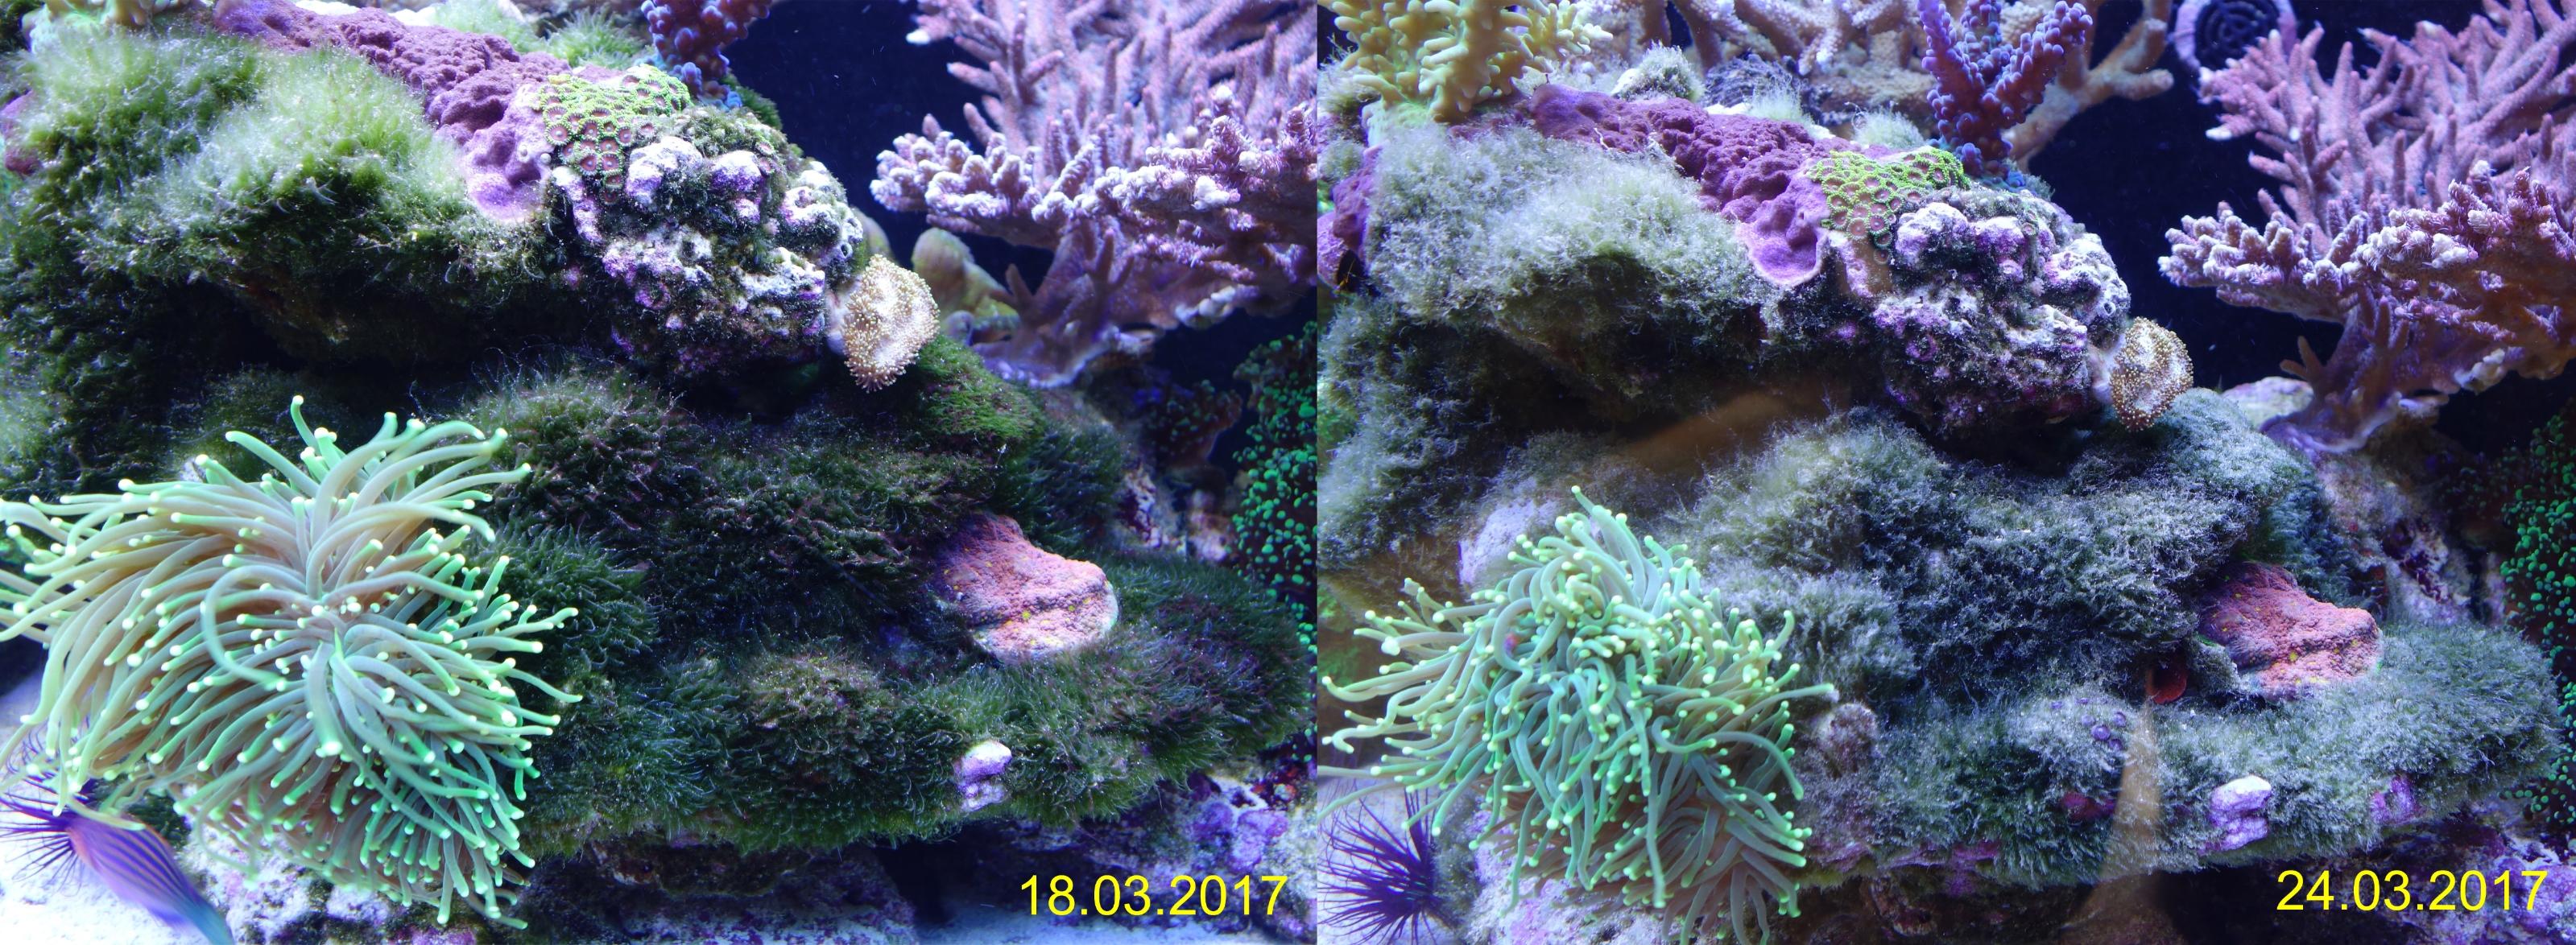 bryopsis bek mpfen mit fluconazol 15 tage algen www. Black Bedroom Furniture Sets. Home Design Ideas